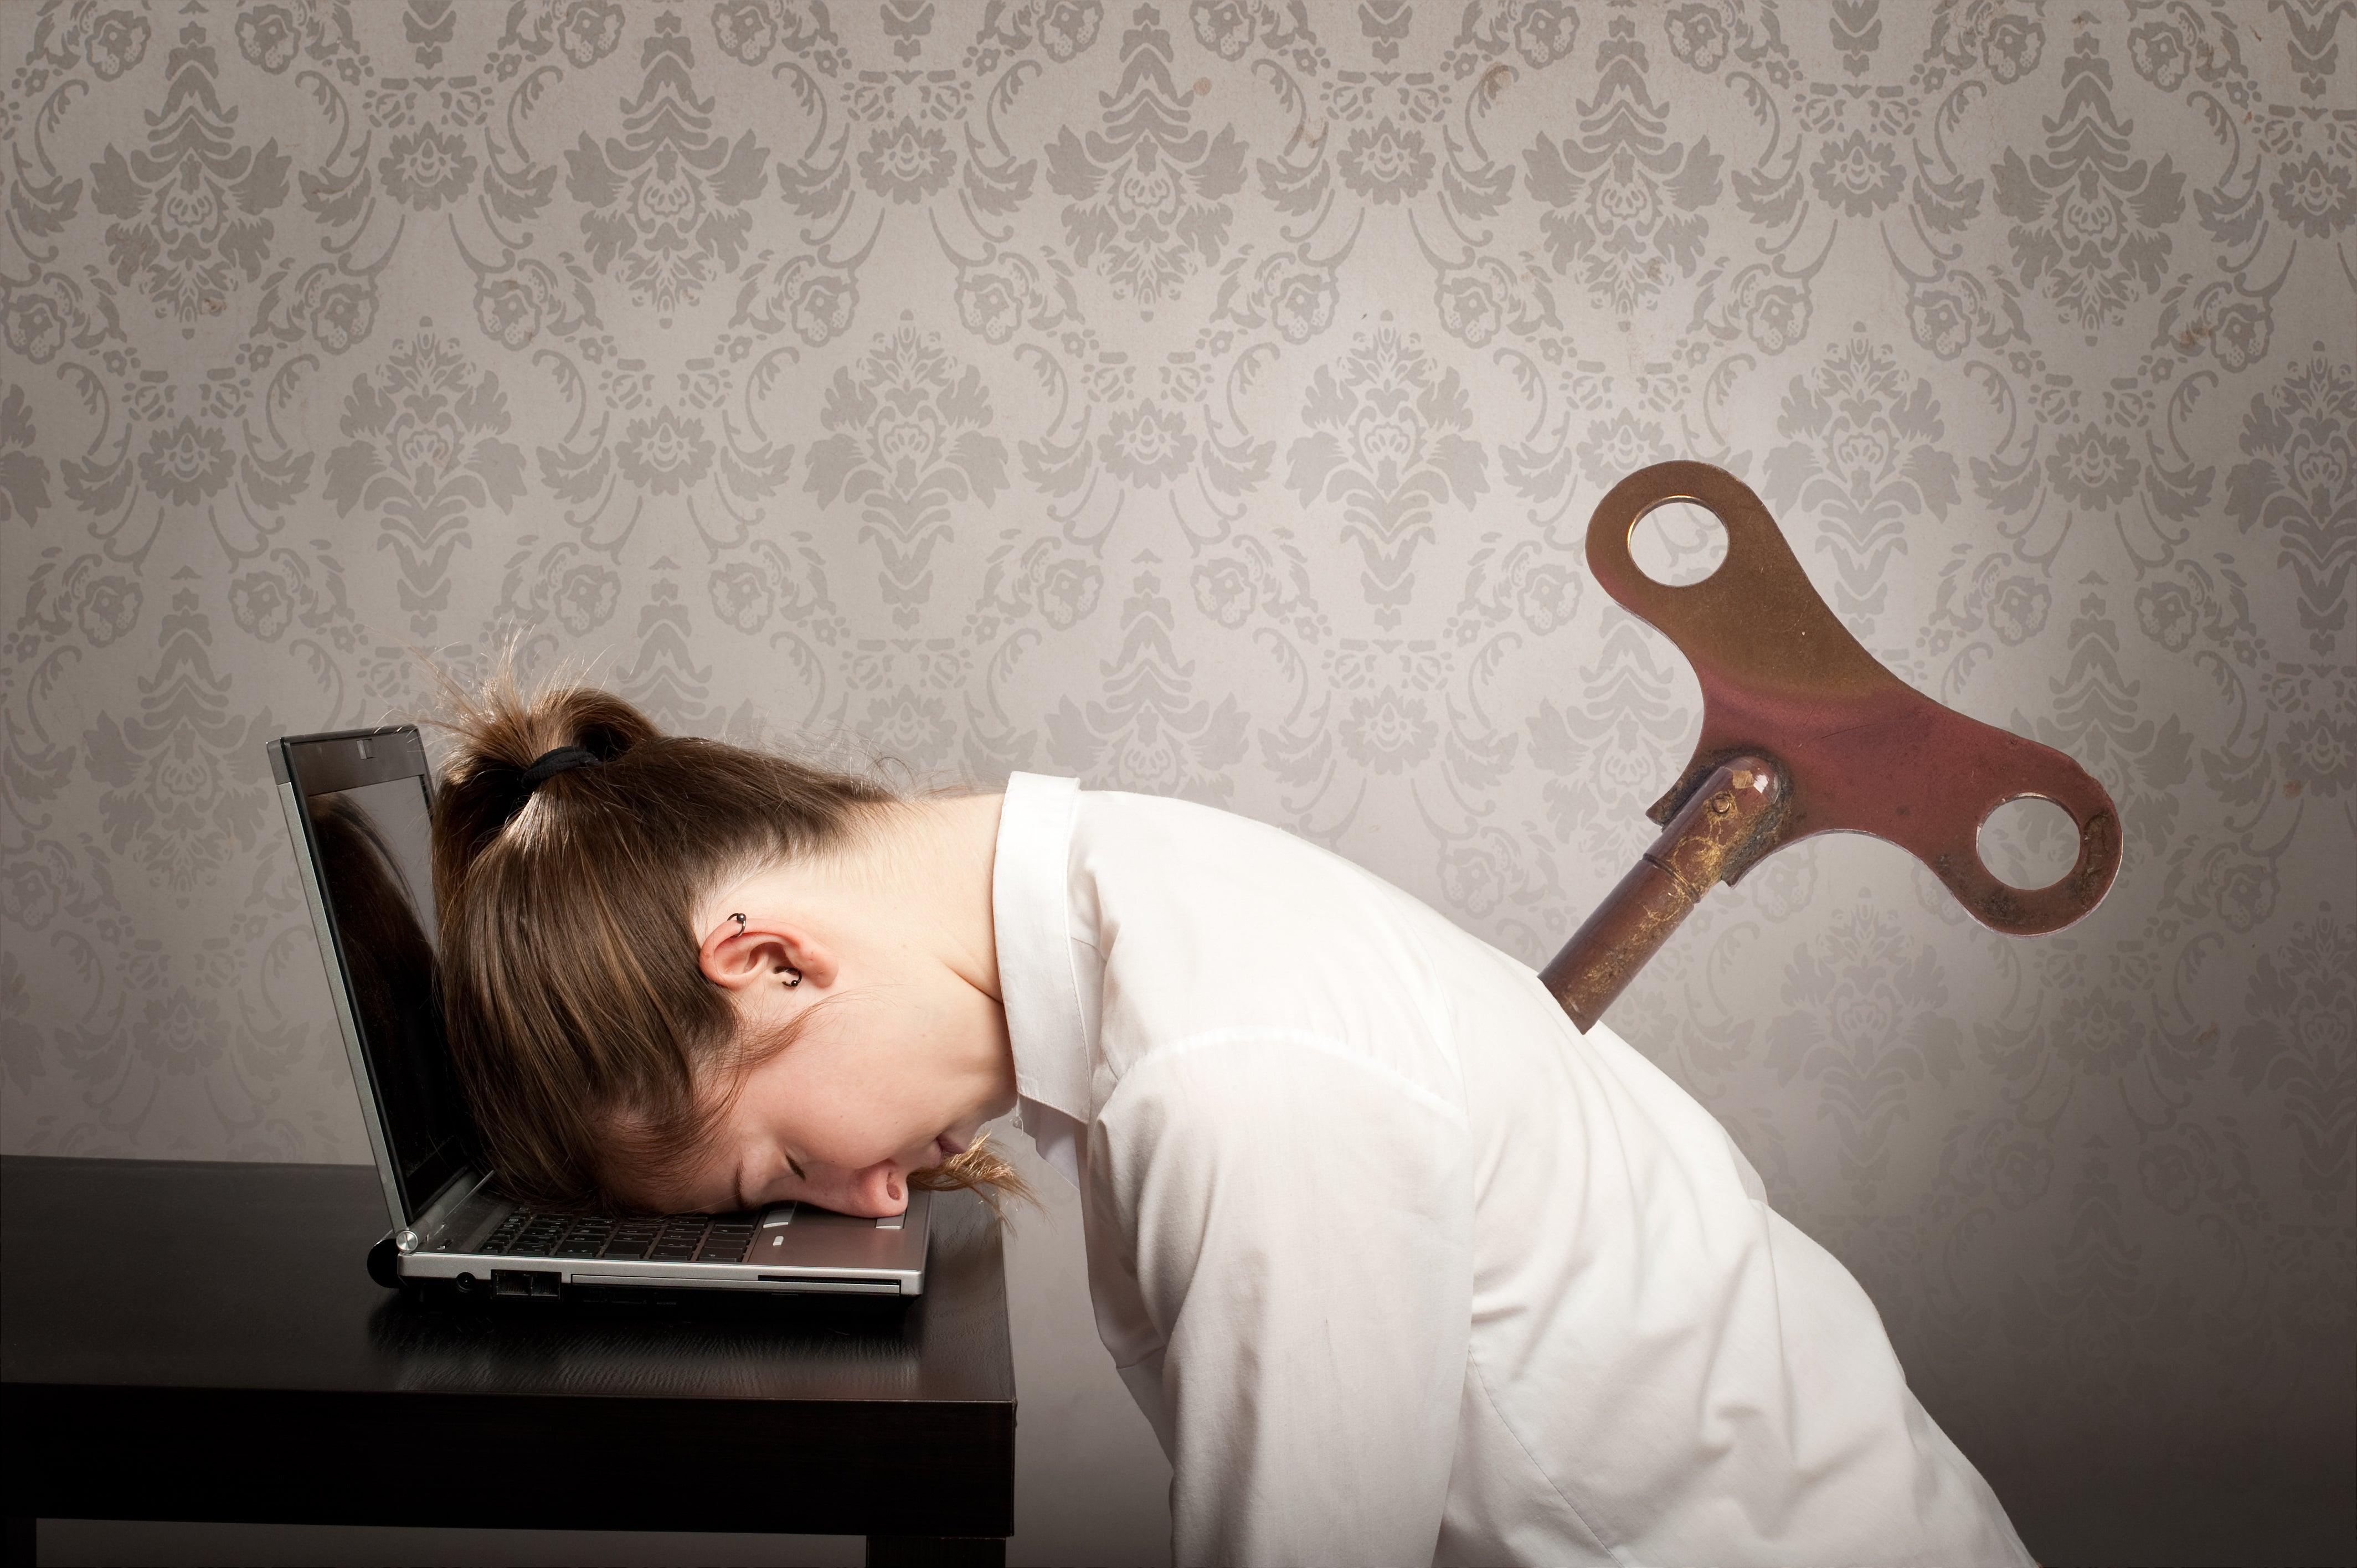 「わたしの病気は治らない!!」と思い込んでいた女性の劇的な改善例